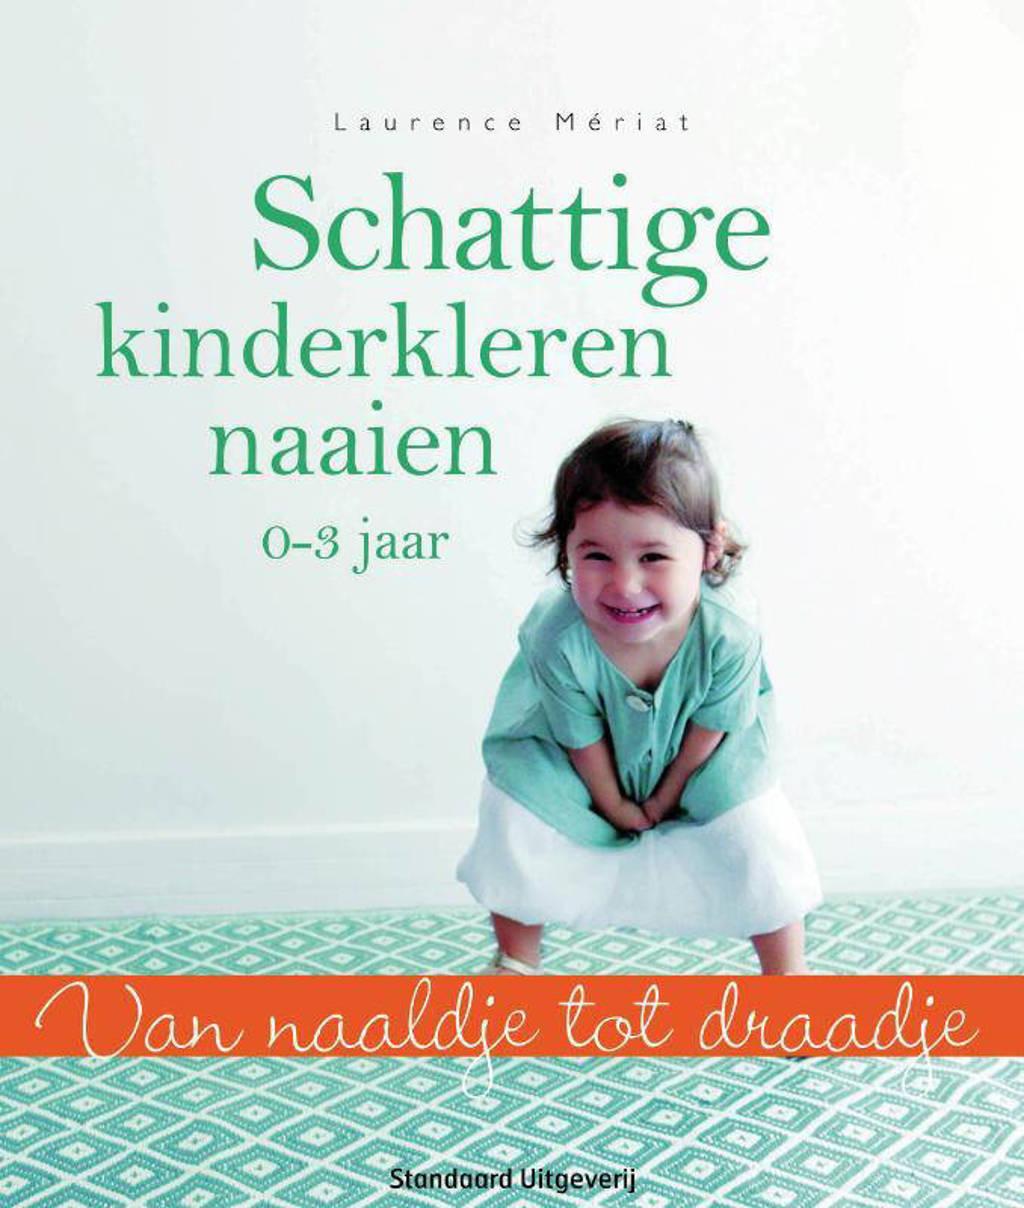 Schattige kinderkleren naaien - Laurance Mériat